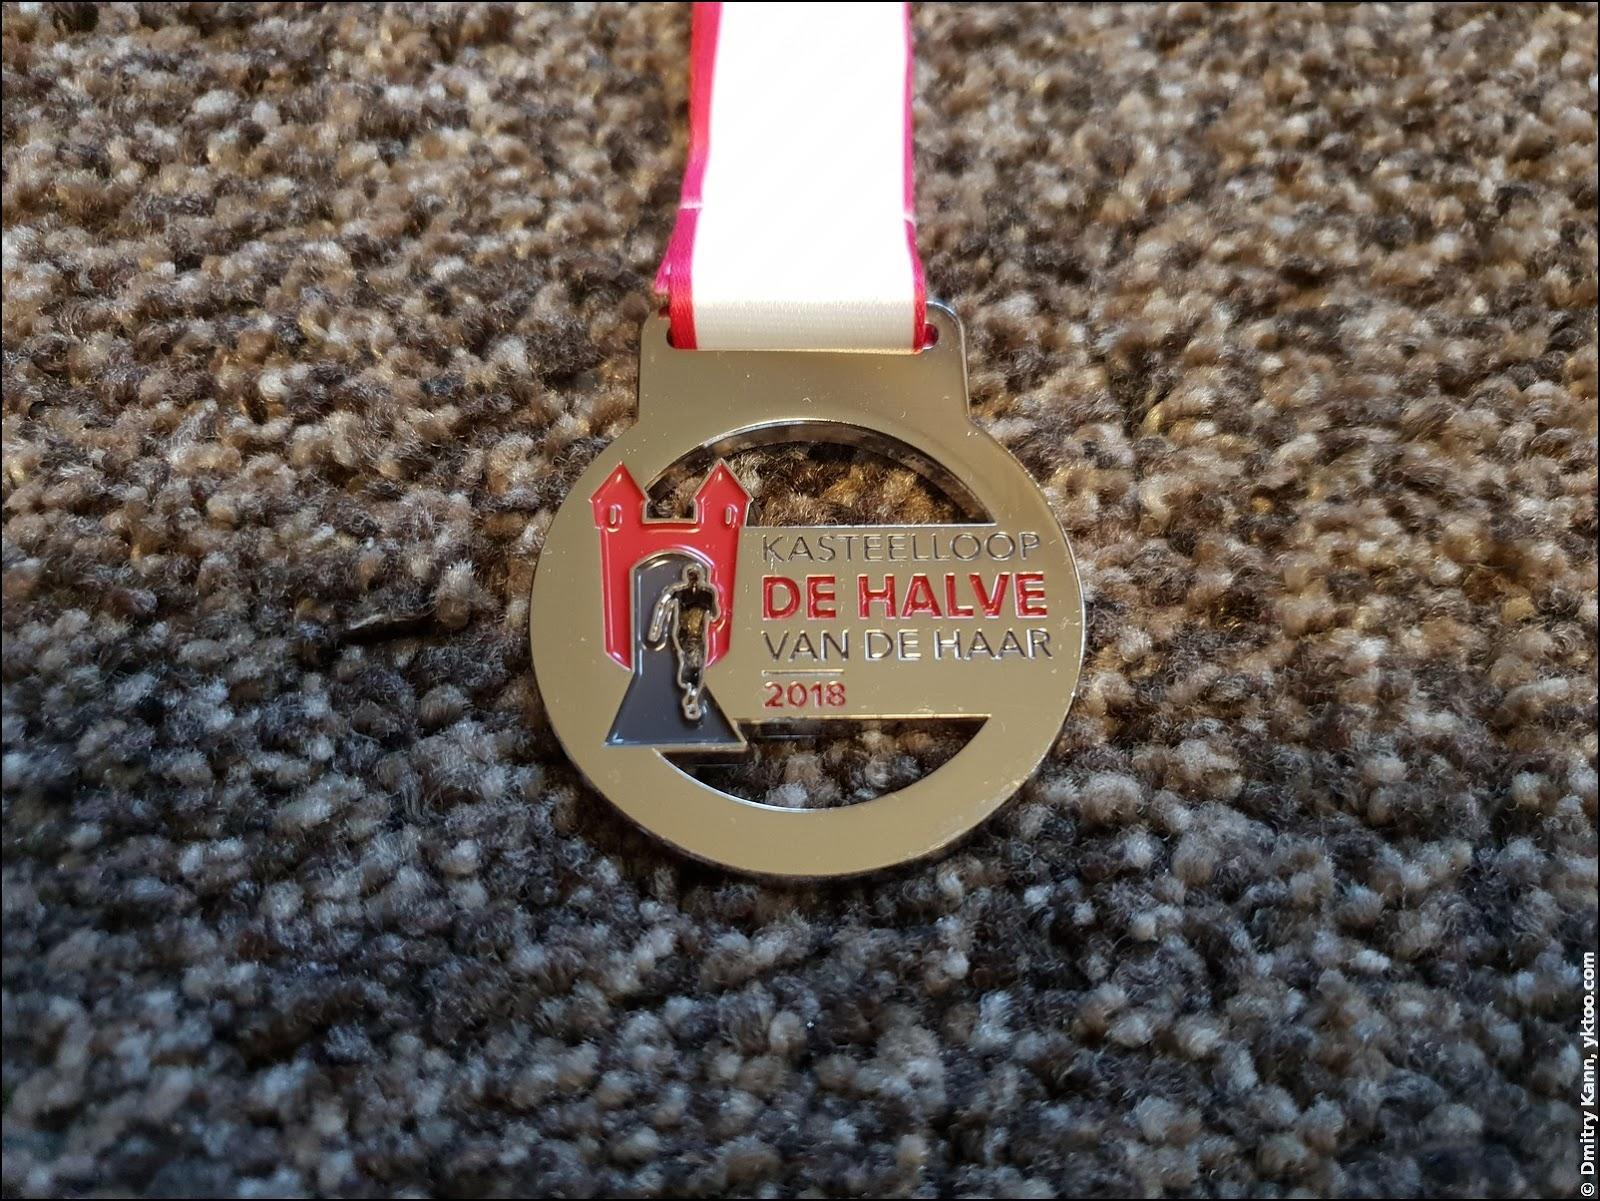 The medal of De Halve van De Haar.